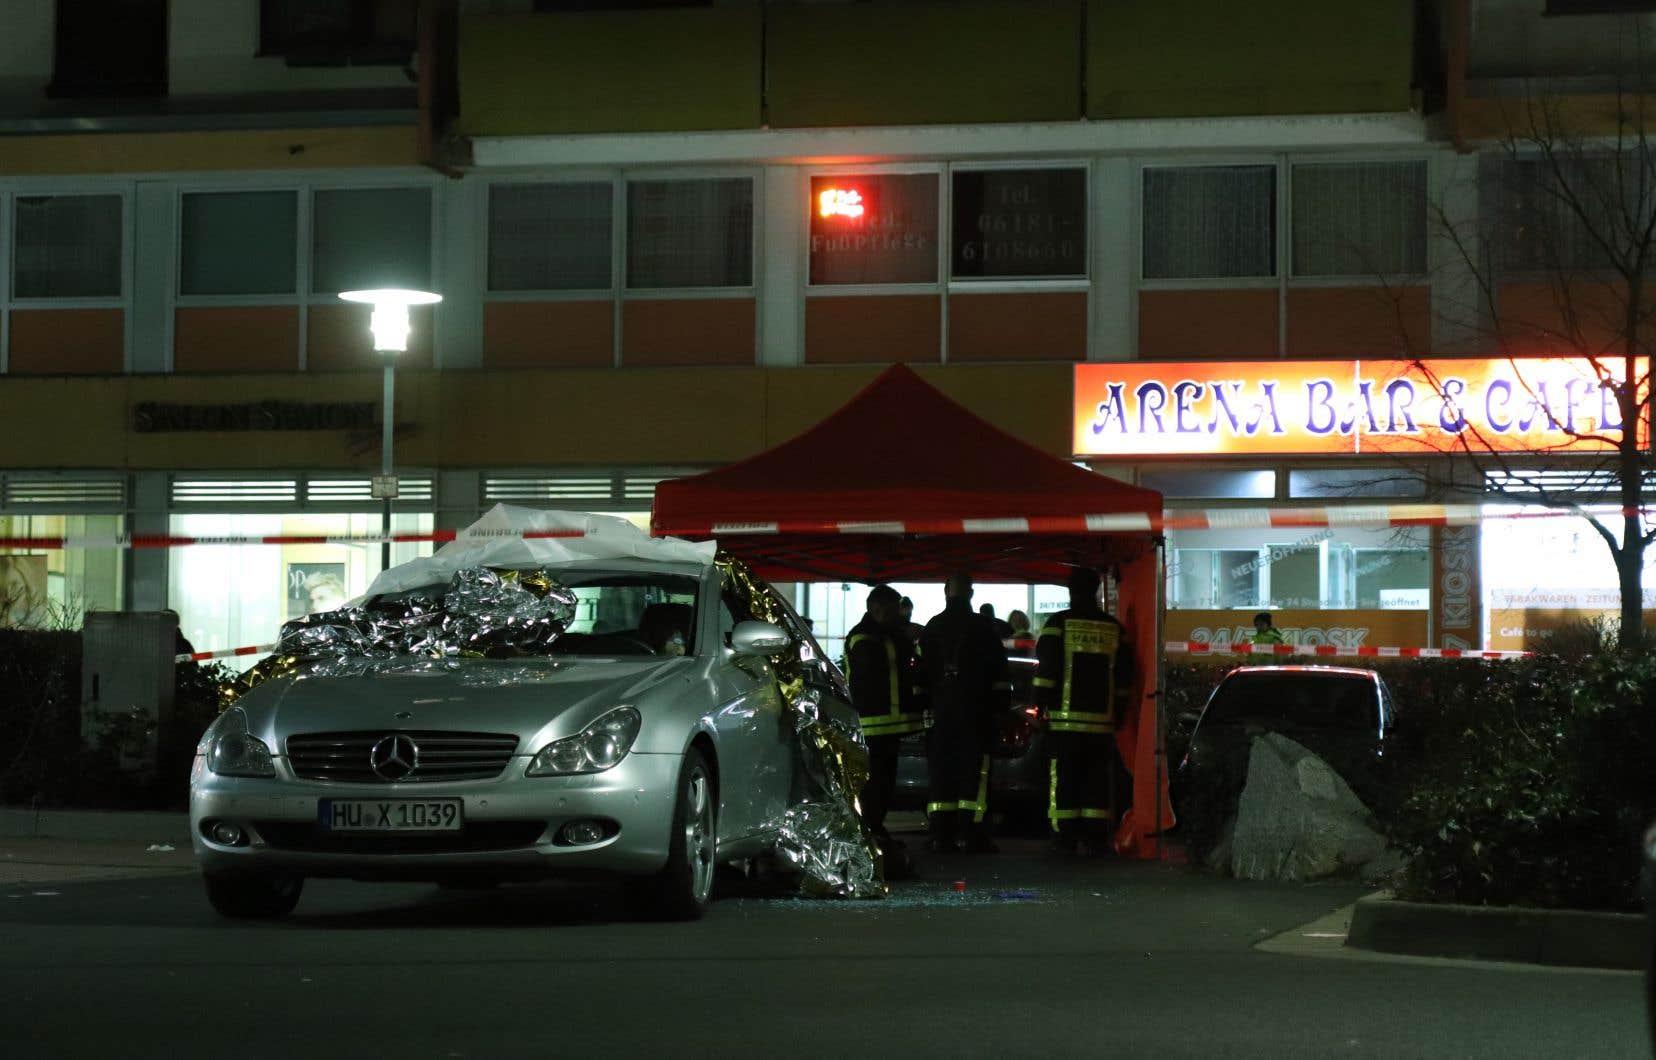 Ces deux fusillades auraient visé des bars à chicha de Hanau et auraient fait au moins cinq blessés graves, selon des médias locaux.